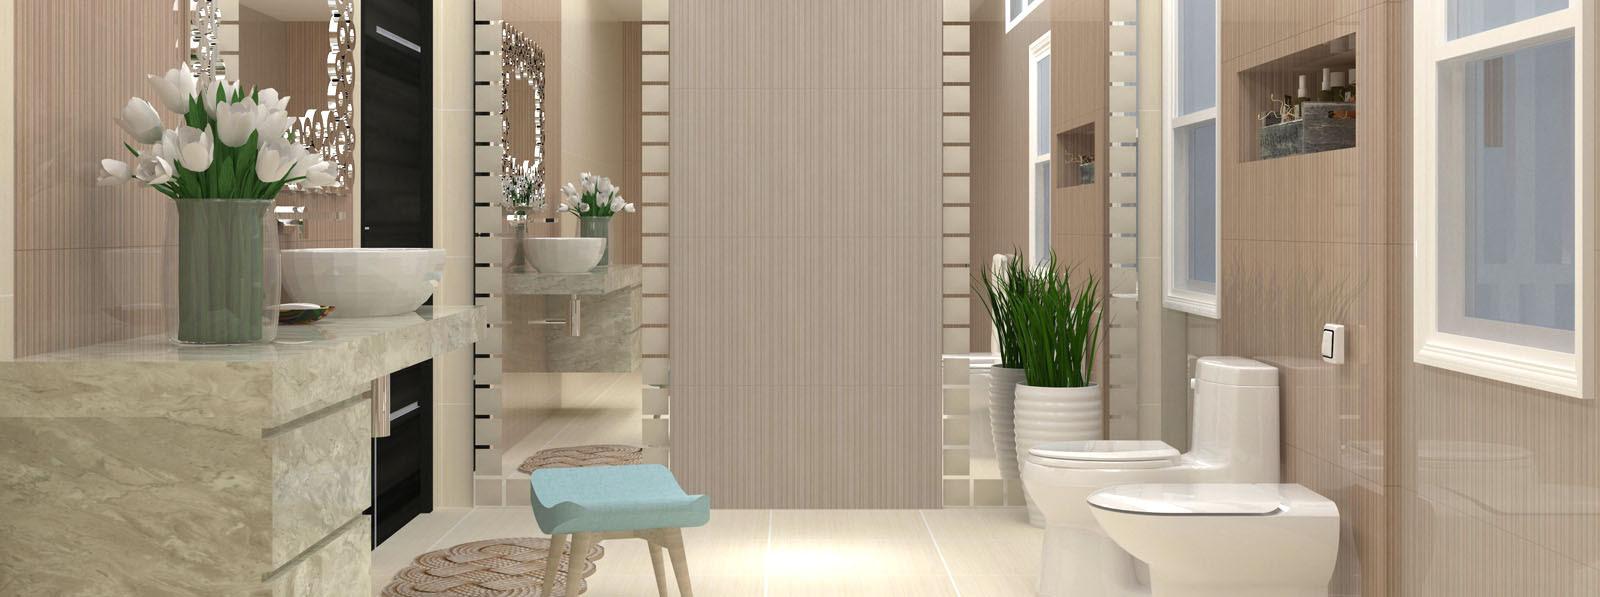 Mariwasa Siam Ceramics Inc. - Full HD Tiles Philippines